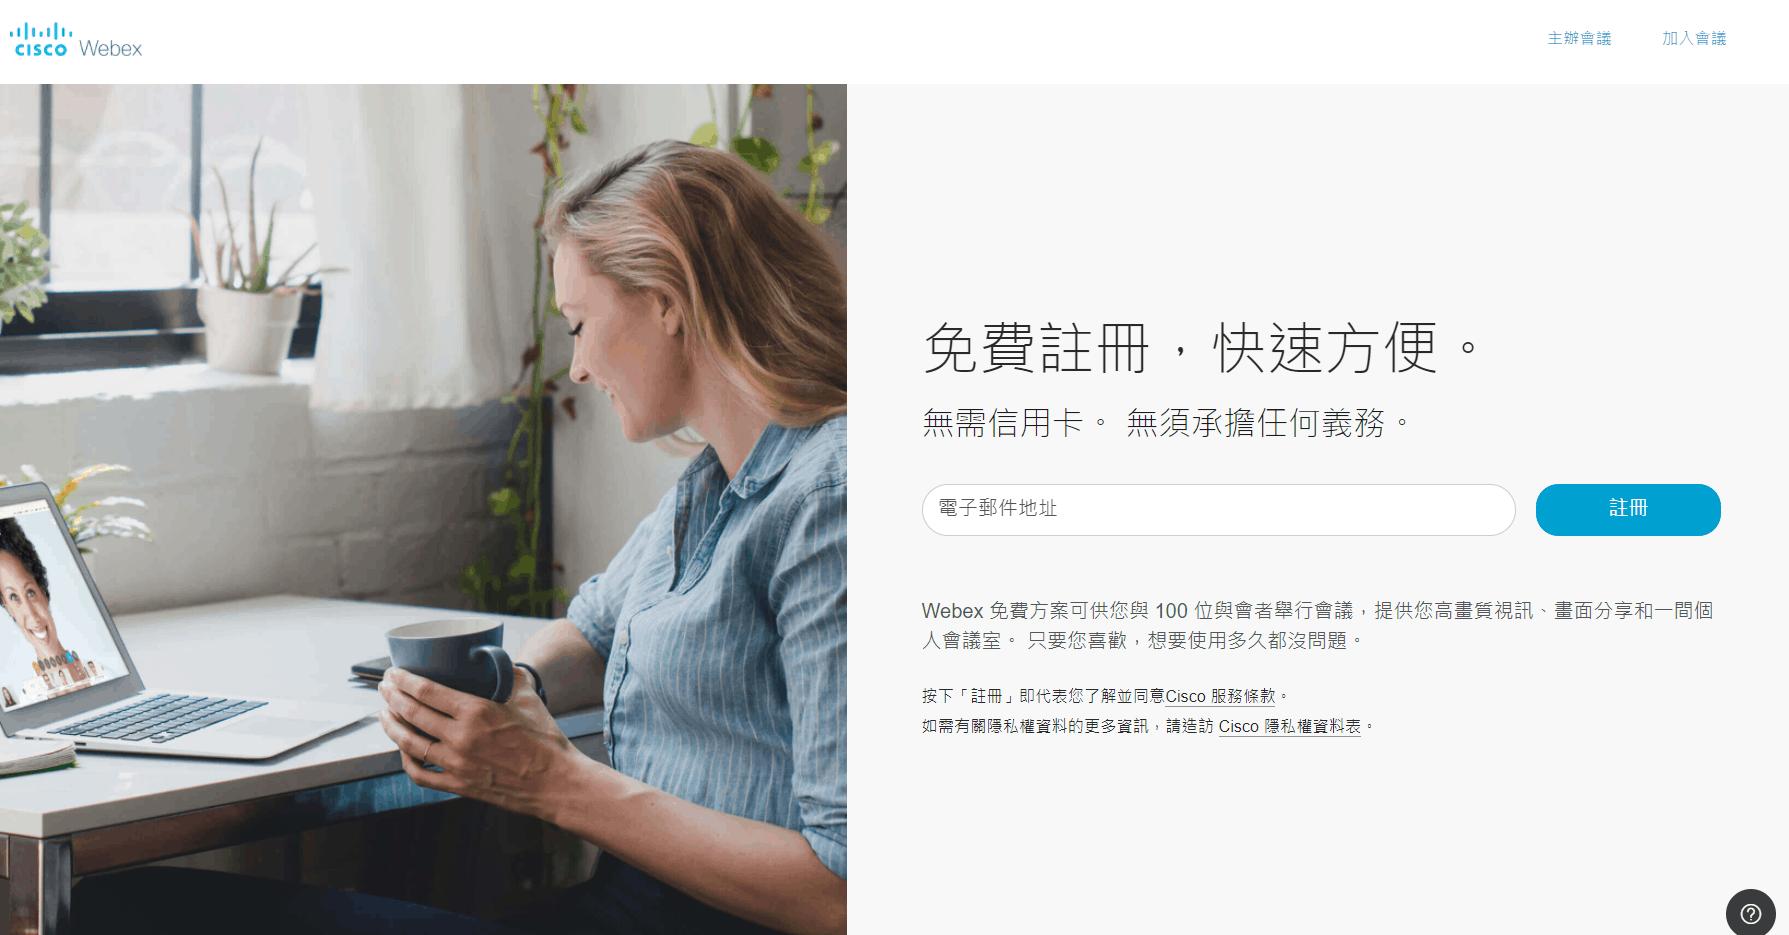 註冊 WebEx 帳號